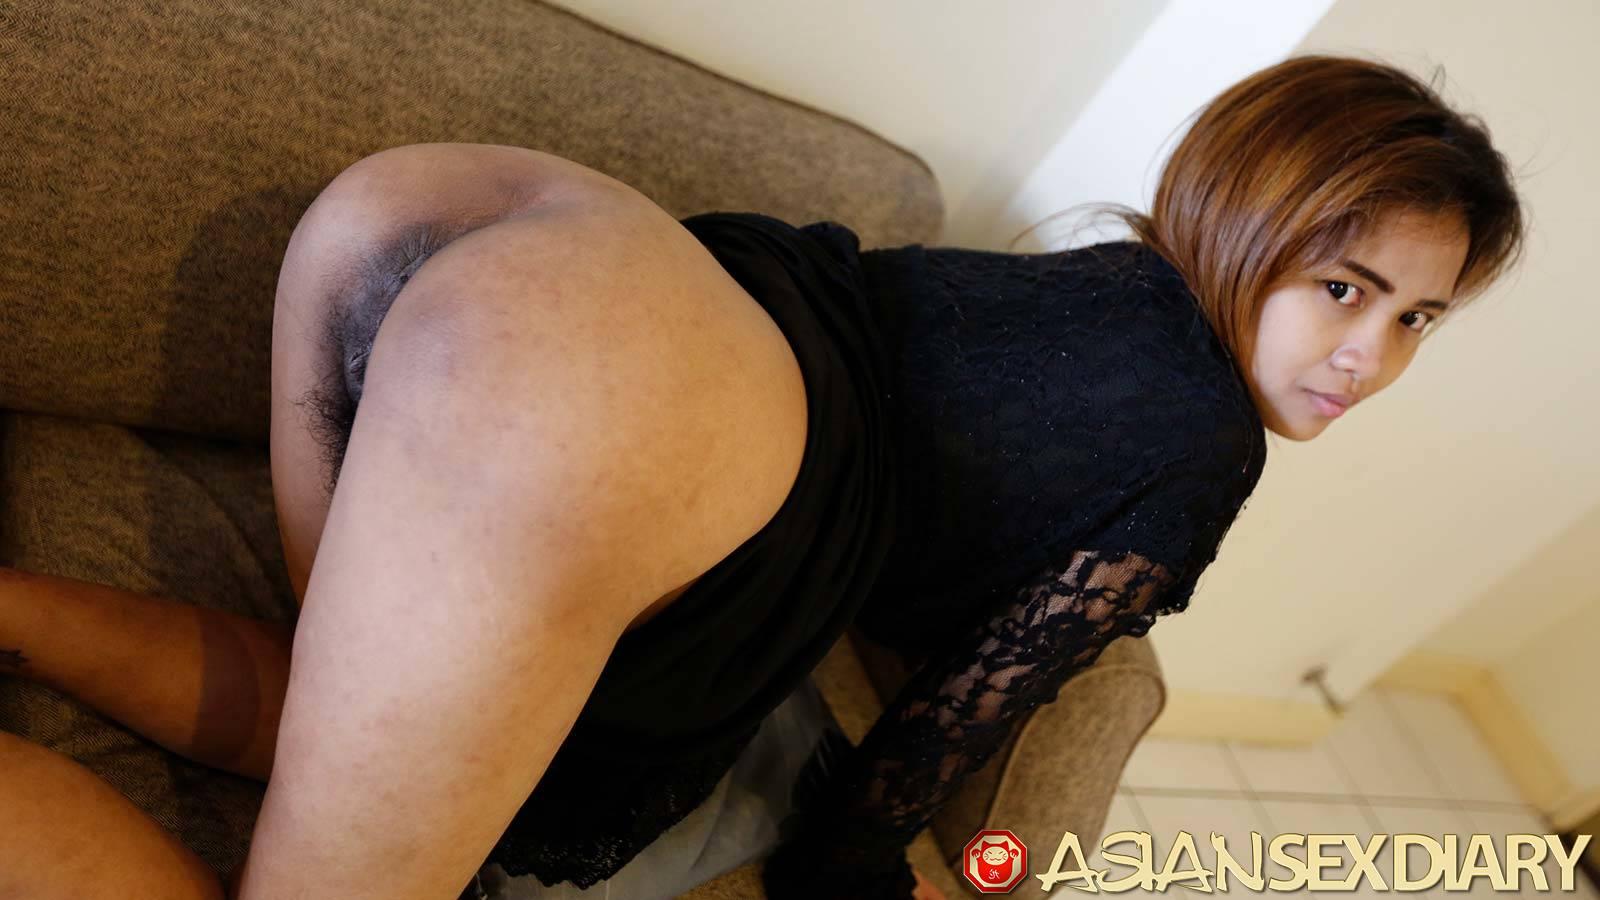 Tiny asian ass pics